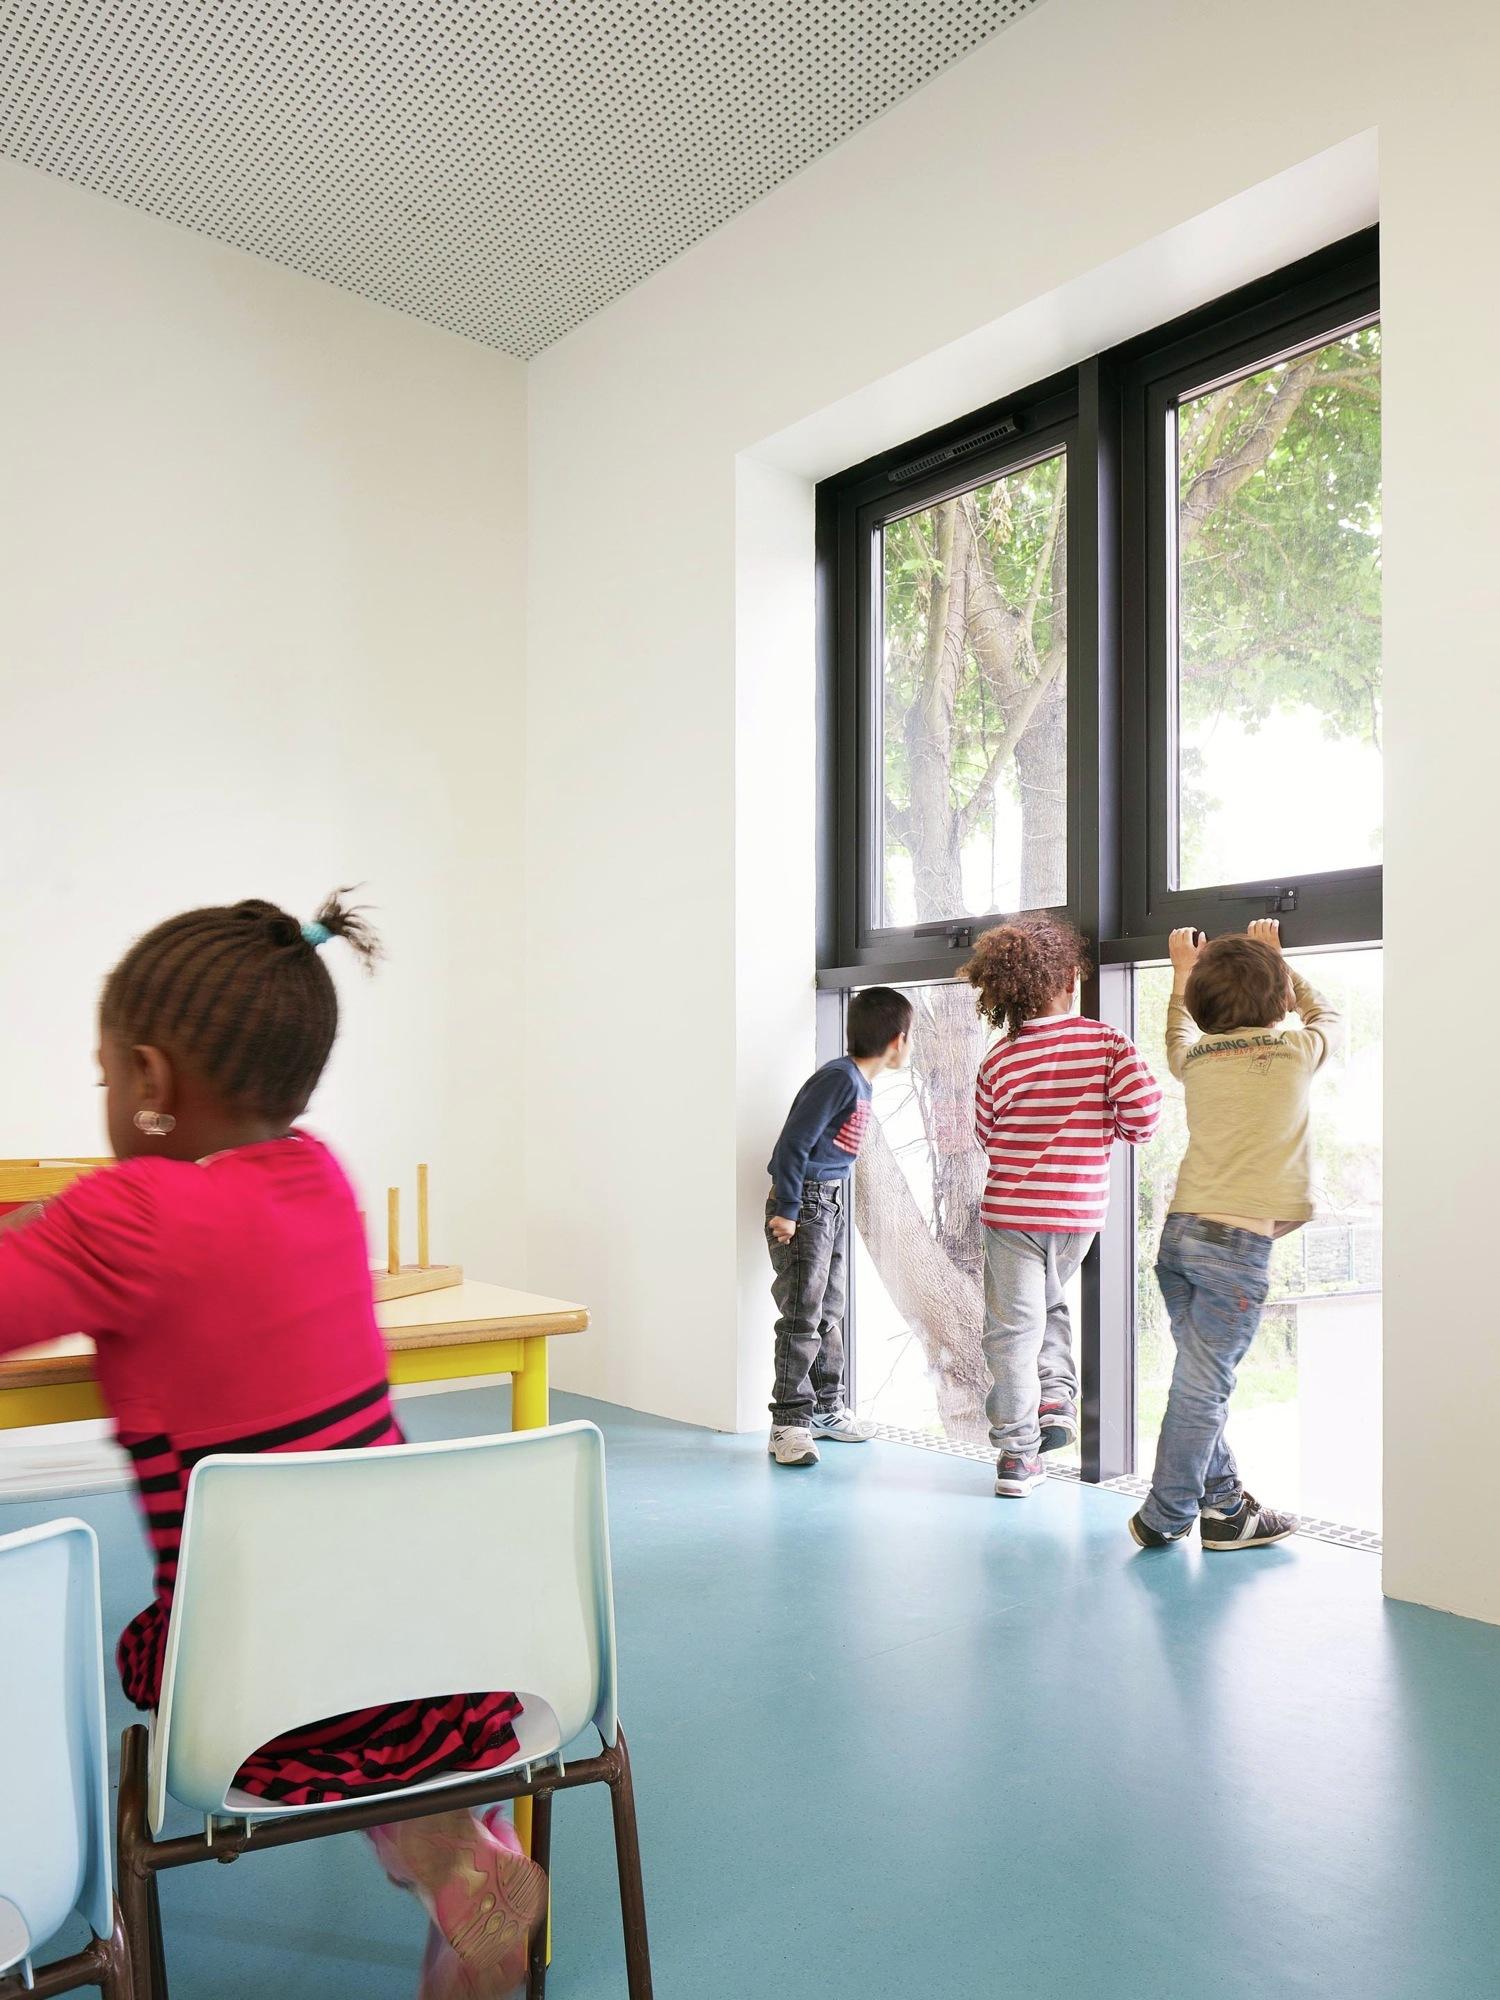 Galer a de extensi n escuela infantil graal architecture 8 for Piscine mantes la ville